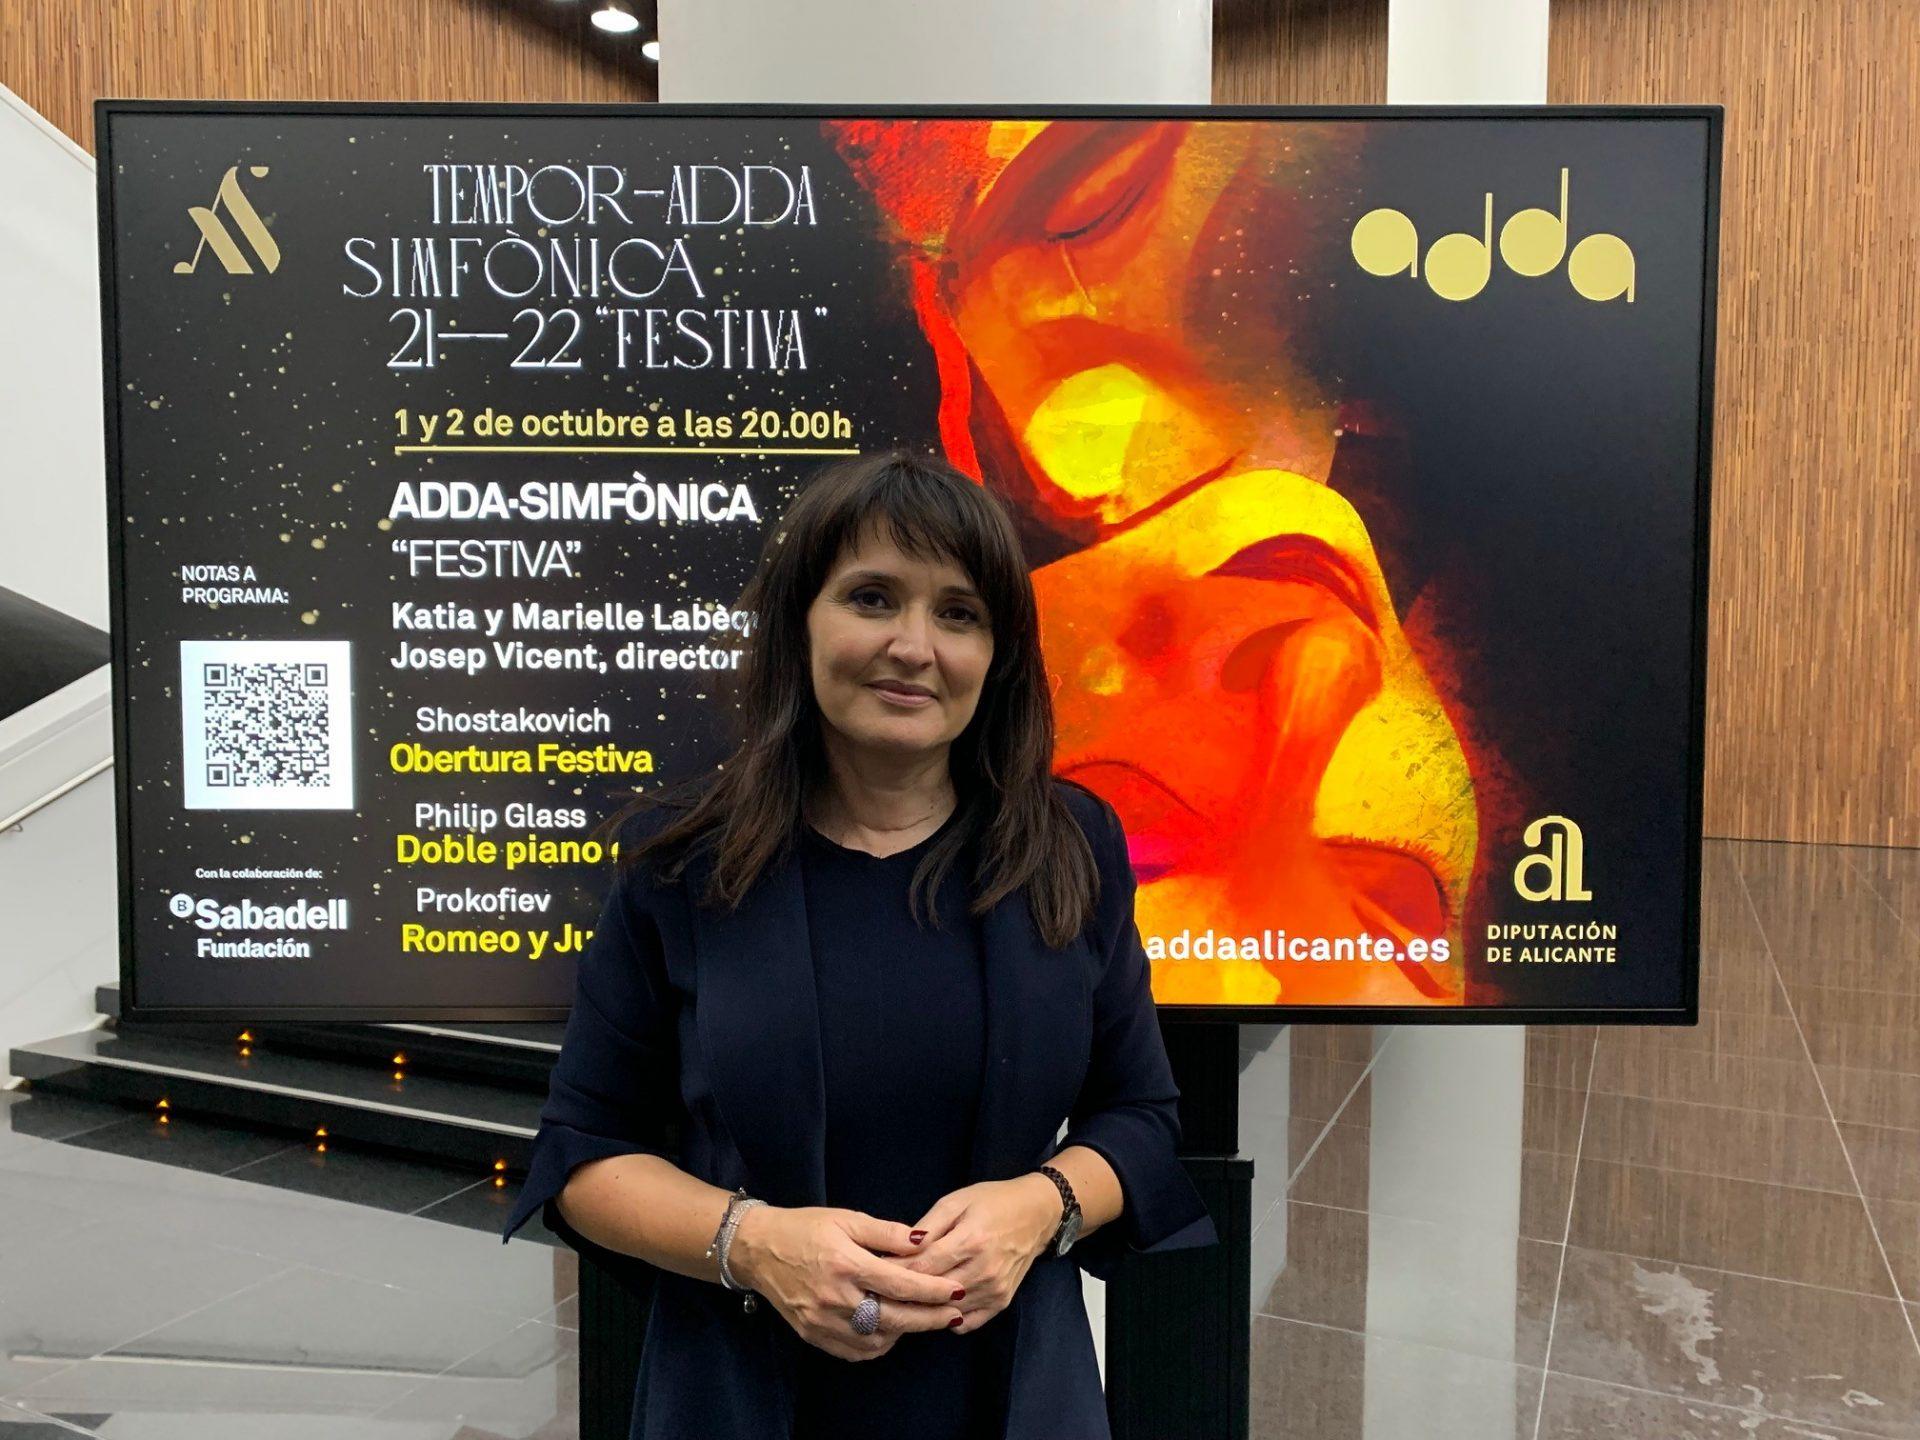 La nueva temporada sinfónica del ADDA arranca con 'Festiva' y el dúo de piano de las hermanas Labéque